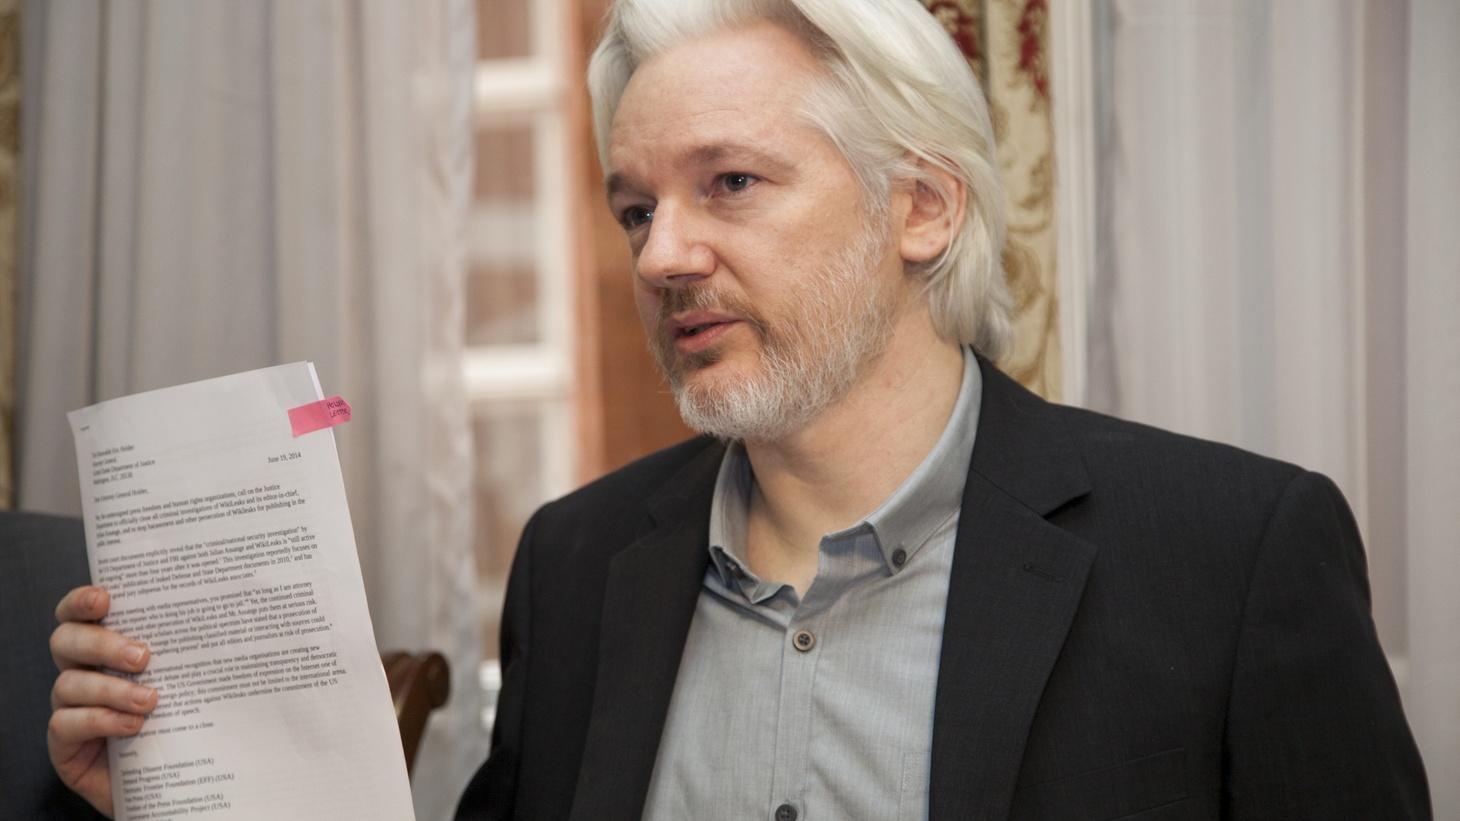 Juilan Assange at the Ecuadorian embassy.